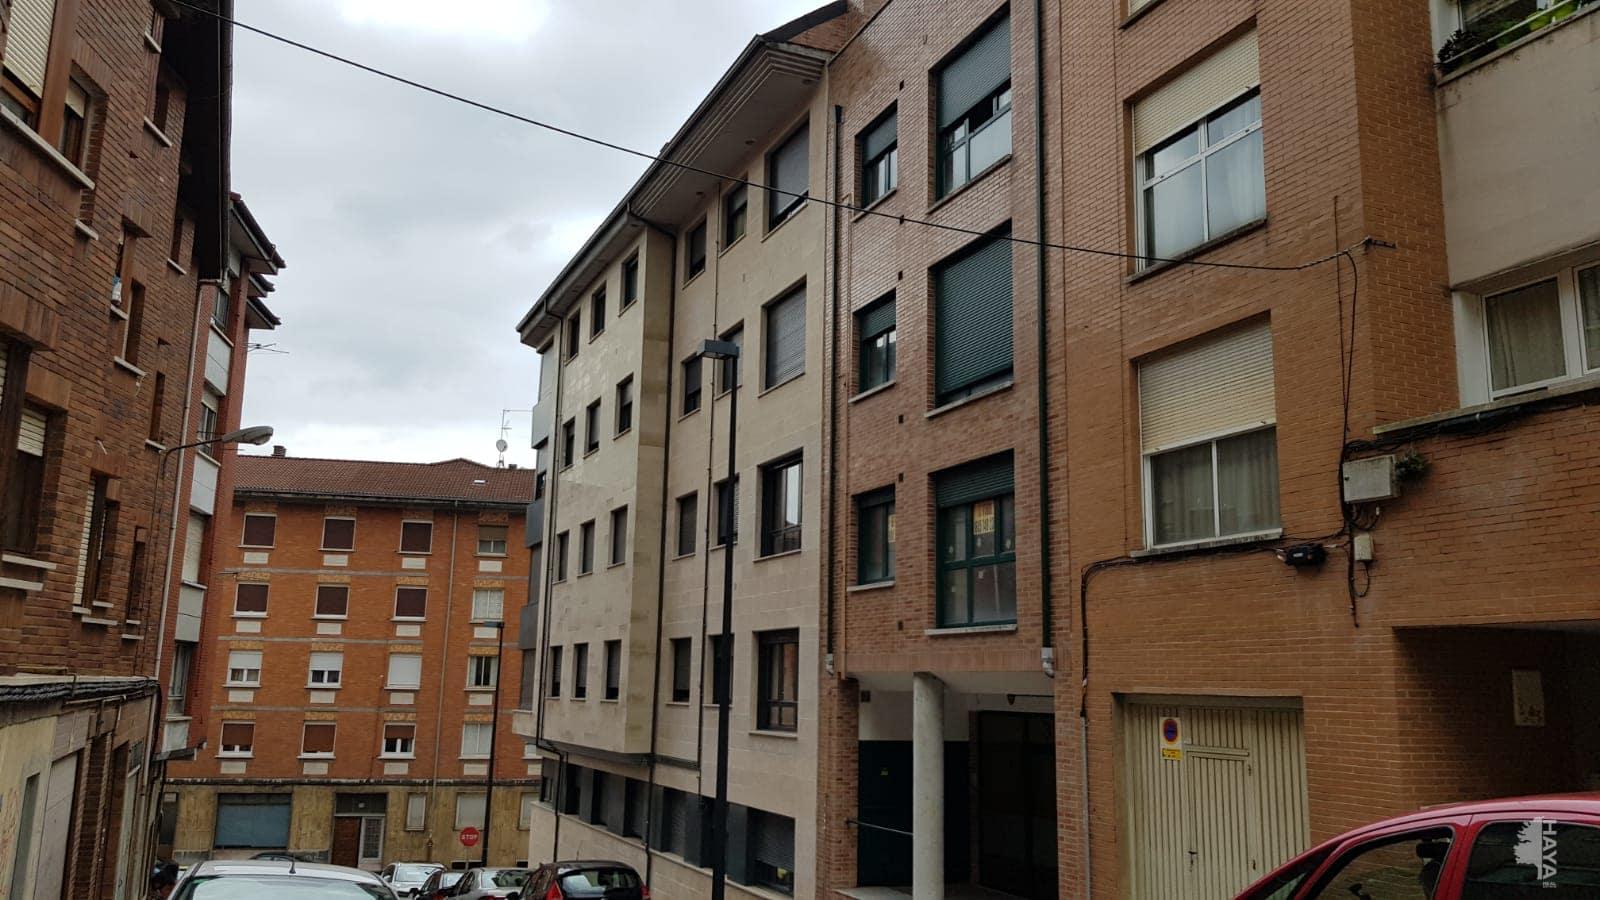 Piso en venta en Lena, Asturias, Calle Monte Ablanedo, 113.000 €, 3 habitaciones, 1 baño, 123 m2